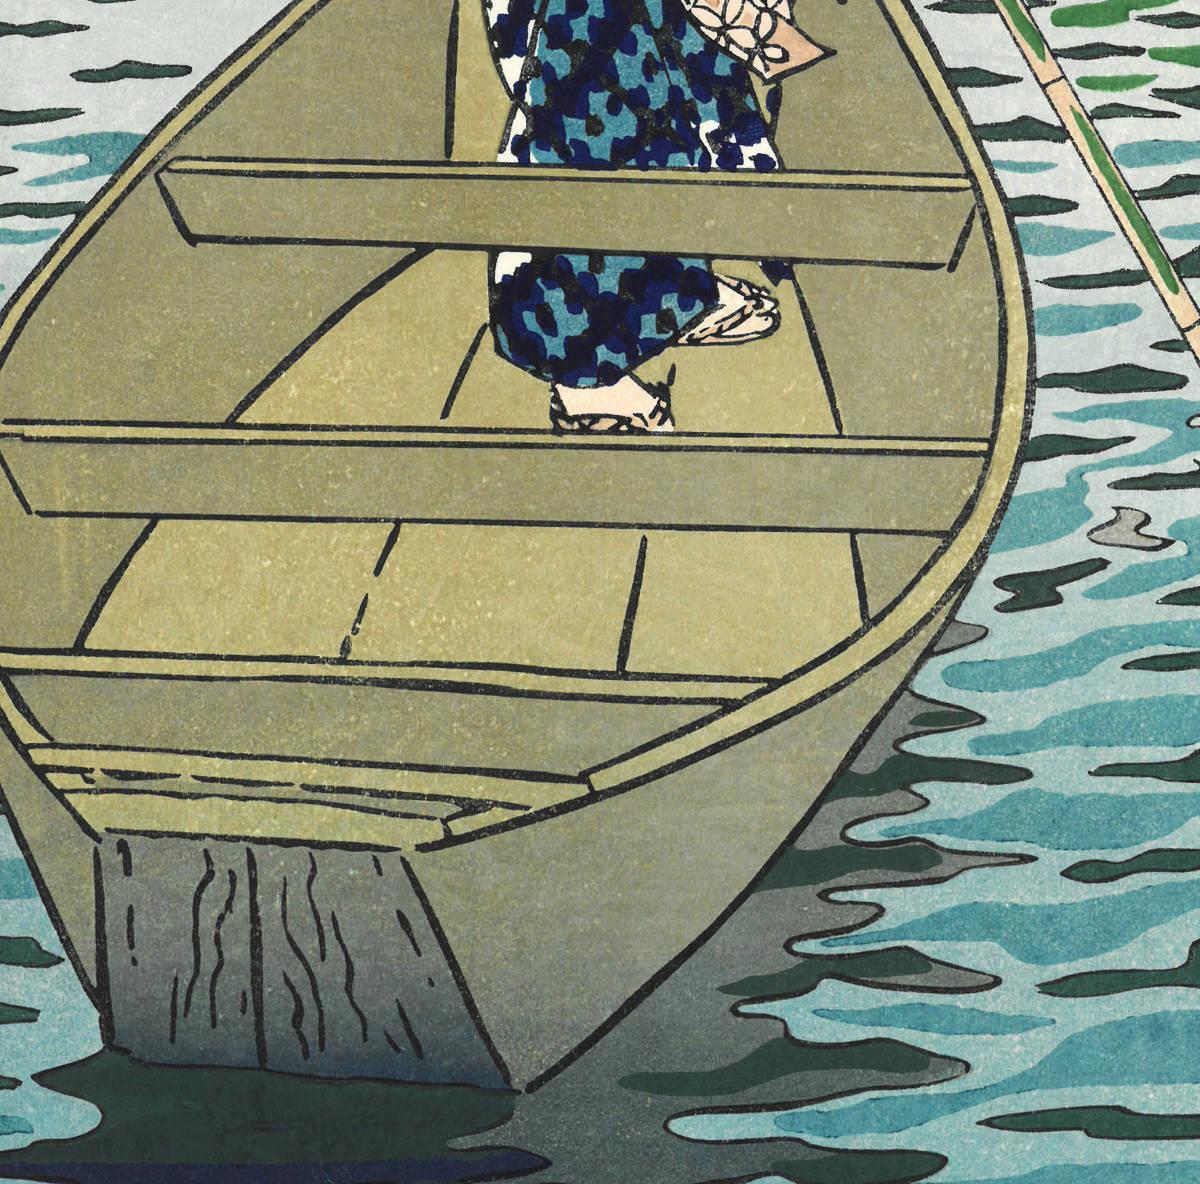 笠松作品専用額入り 笠松紫浪 木版画  No.18 潮来 新版画 初版昭和中期頃   京都の一流の摺師の技をご堪能ください!!_画像9